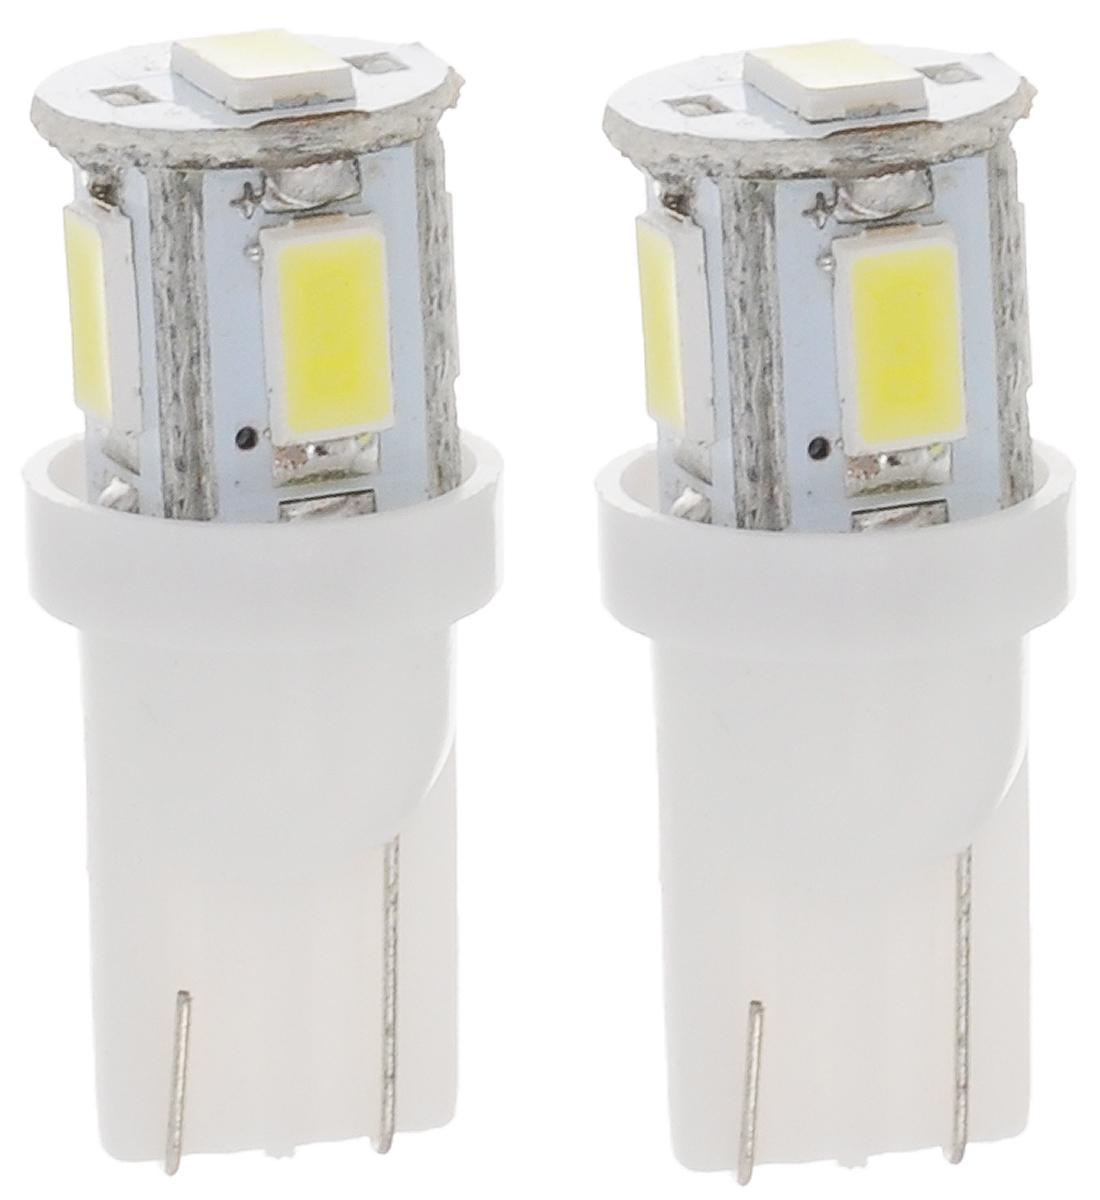 Лампа автомобильная Skyway, светодиодная, цоколь T10 (W5W), 12Вт, 2 штST10-0530B W (блистер) (2шт)Светодиодная лампа Skyway используется для габаритных огней и для подсветки номерного знака.Лучший вариант современной энергосберегающей лампы. Ударопрочность и устойчивость к вибрации позволяет LED-лампе работать в любых условиях. Срок эксплуатации LED-лампы в среднем 900 часов, что в три раза превышает аналогичный показатель обыкновенных ламп накаливания.При лучшем световом потоке LED-лампа потребляет в 7 раз меньше мощности, тем самым снимает нагрузку на АКБ и генератор и выделяет меньше тепла, из-за которого мутнеют фары.Рабочее напряжение 12В, беречь от дождя и воды.